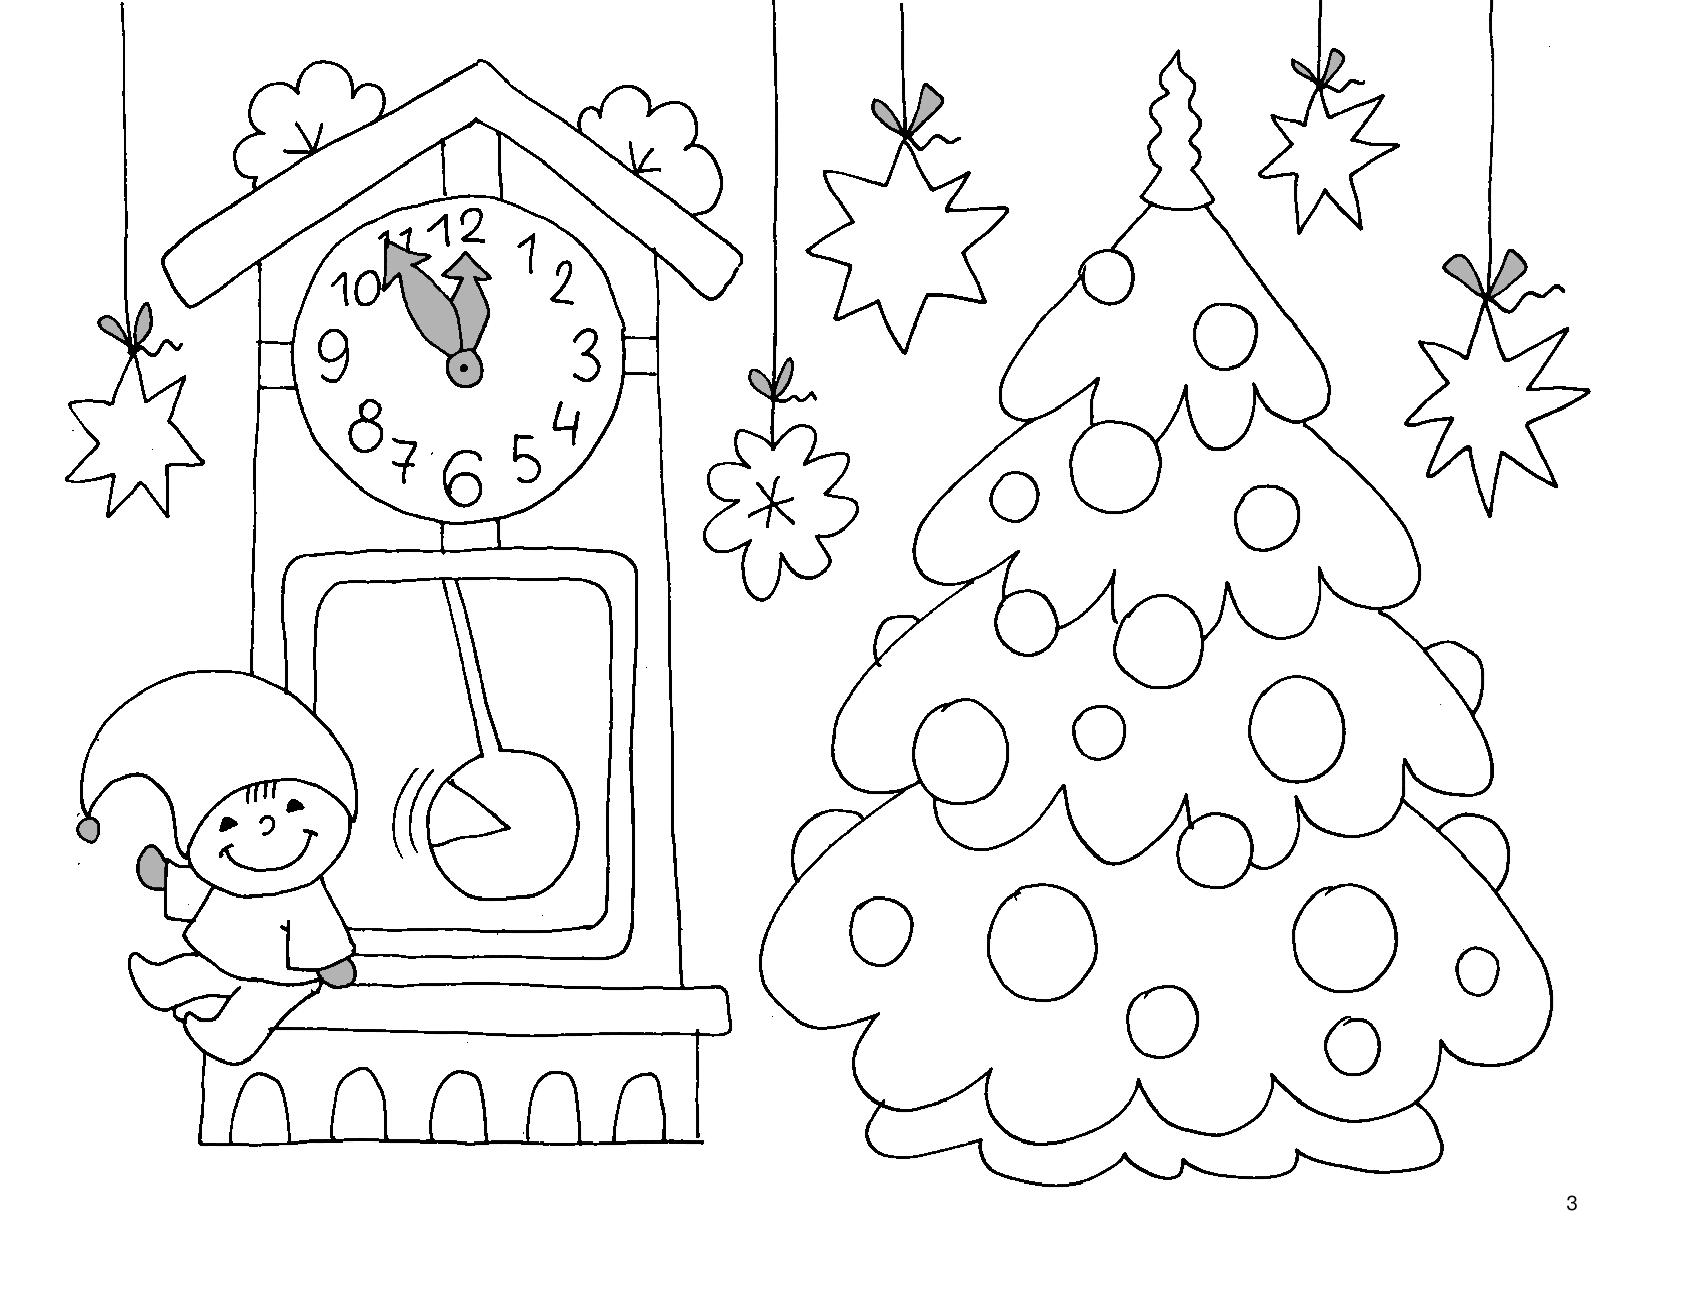 Распечатать открытку с новым годом для детей 2019, города